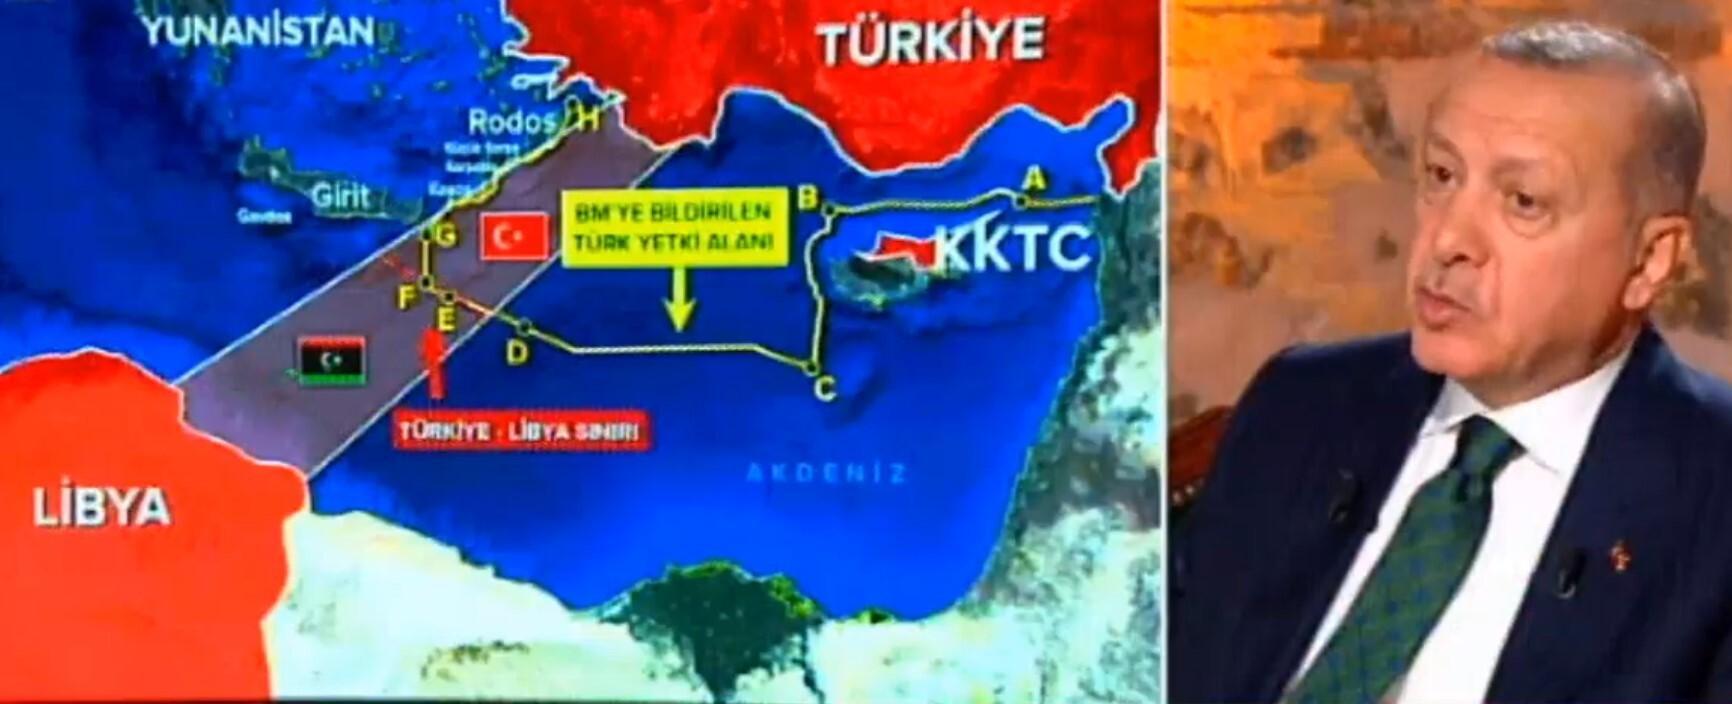 Son dakika haberleri: Cumhurbaşkanı Erdoğan'dan önemli açıklamalar.